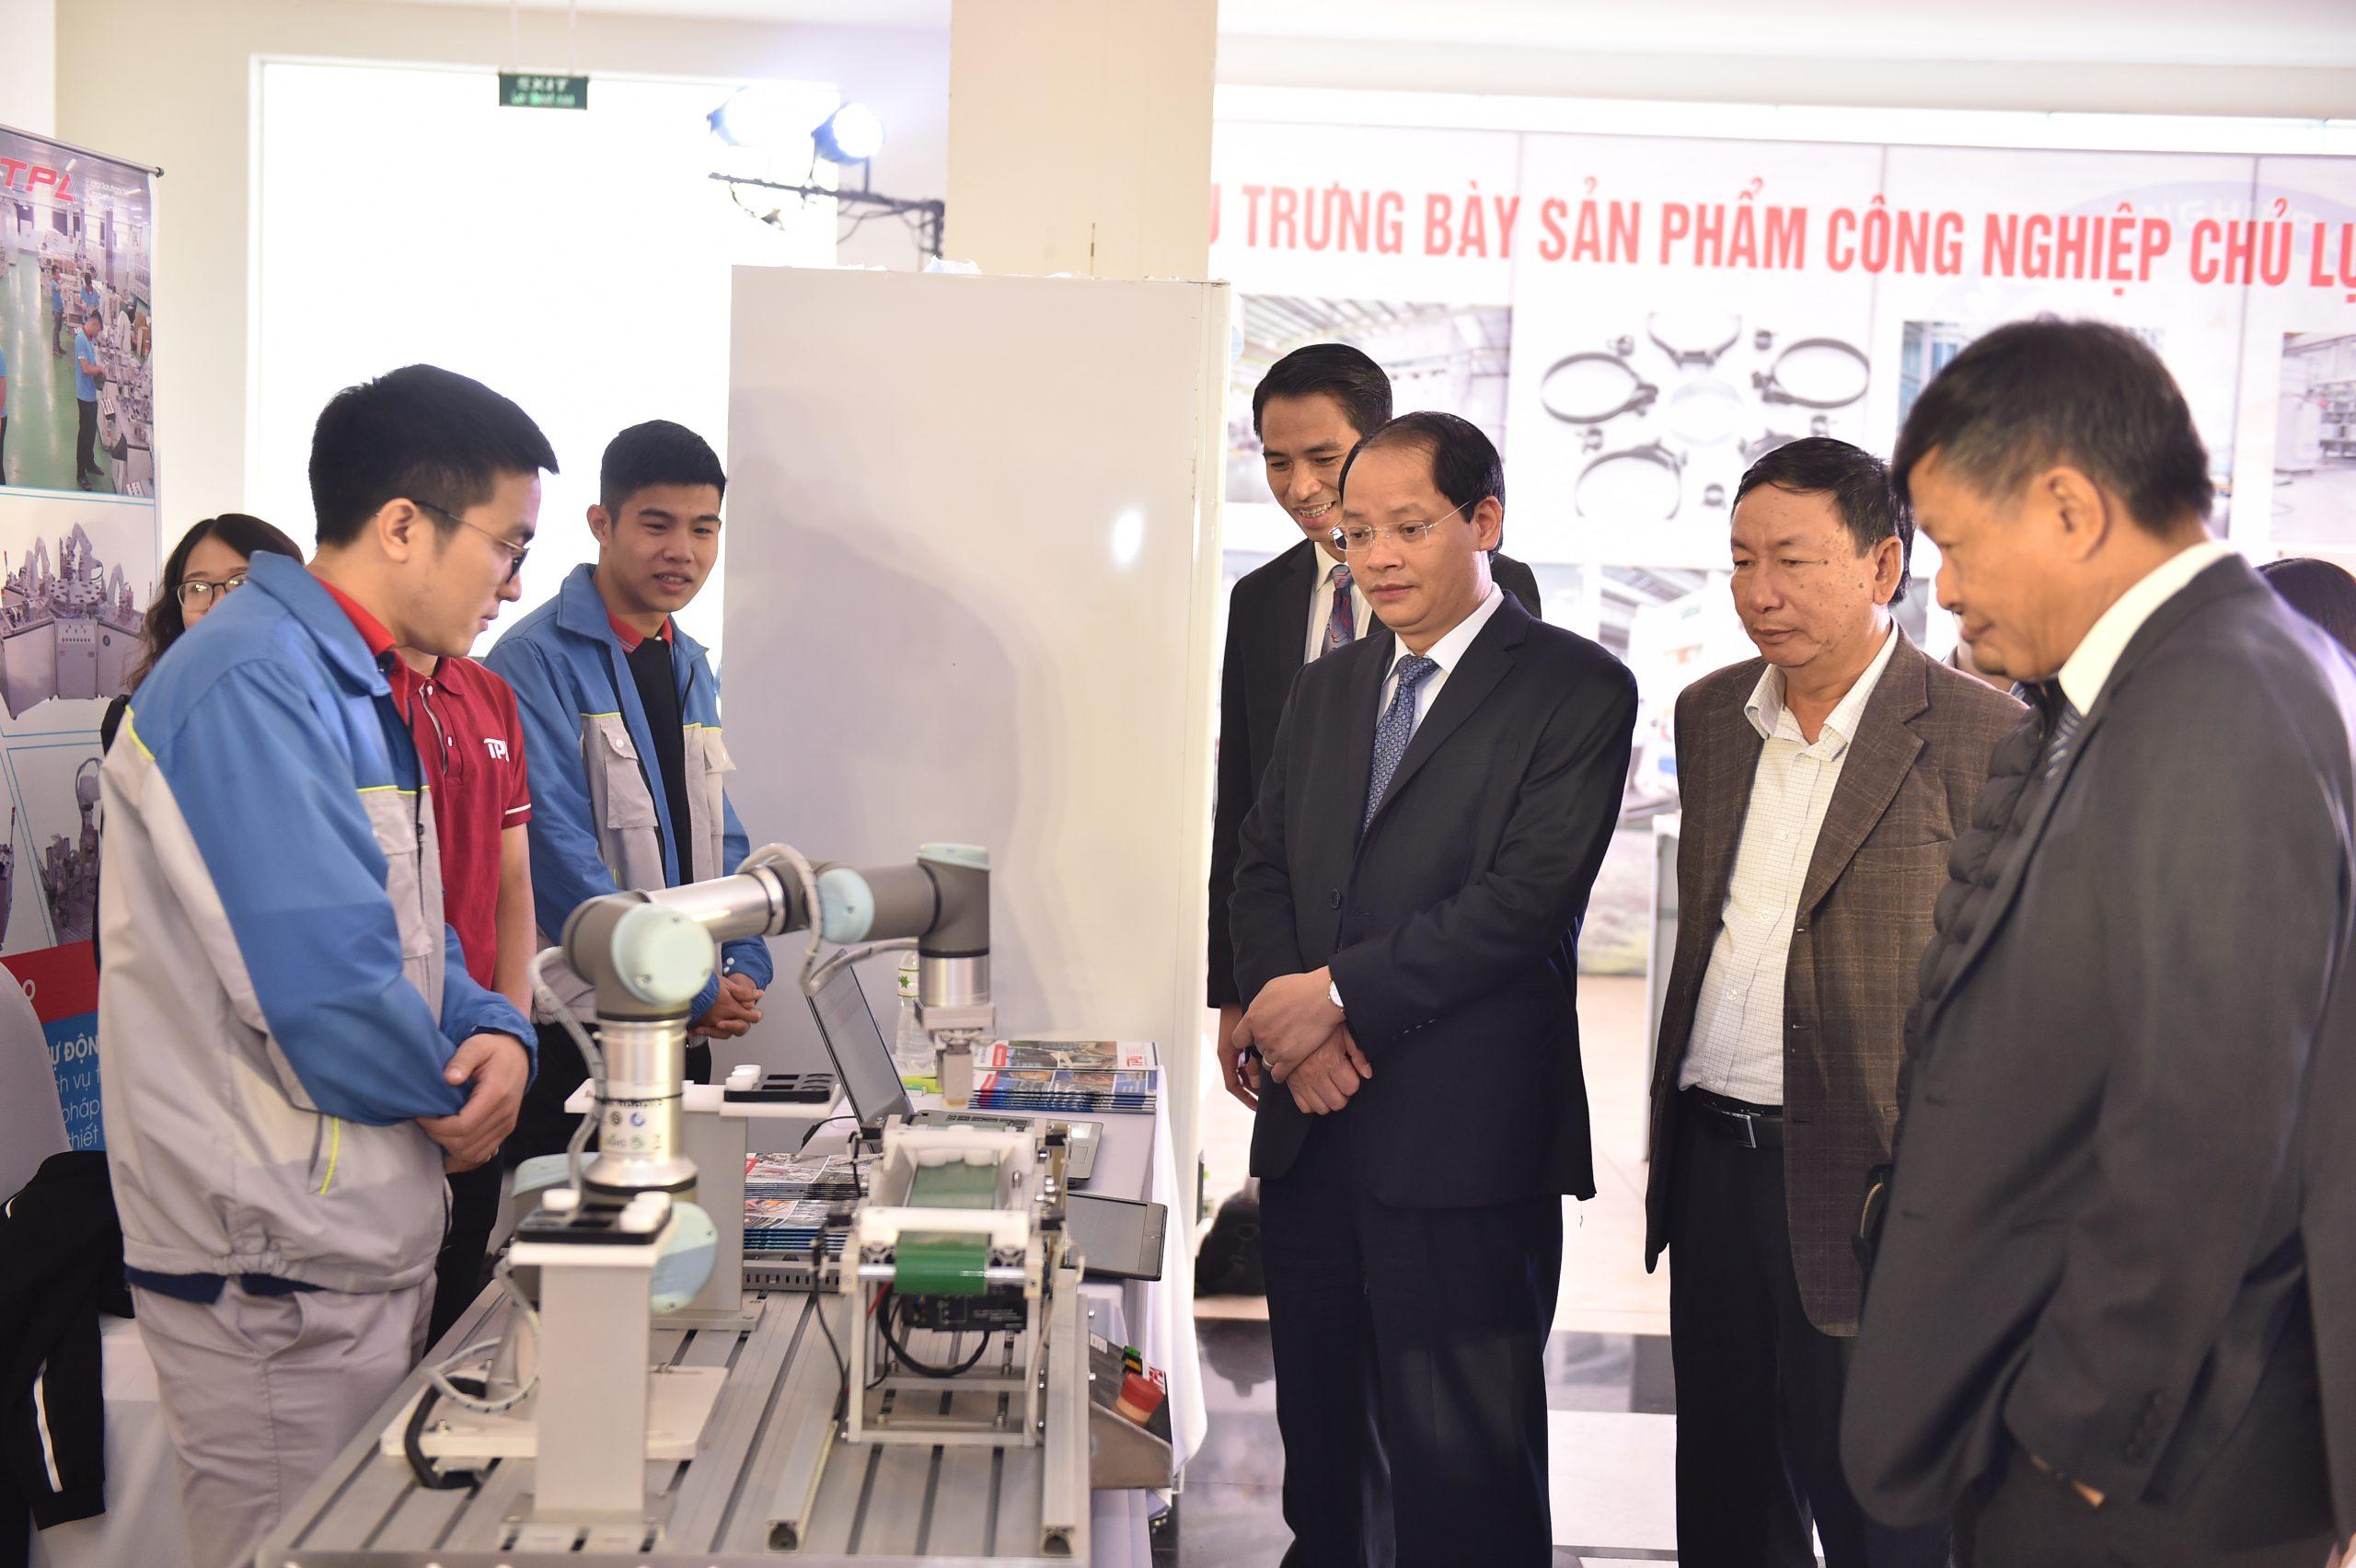 (Tiếng Việt) Kế hoạch thực hiện Đề án phát triển SPCNCL Thành phố Hà Nội năm 2021